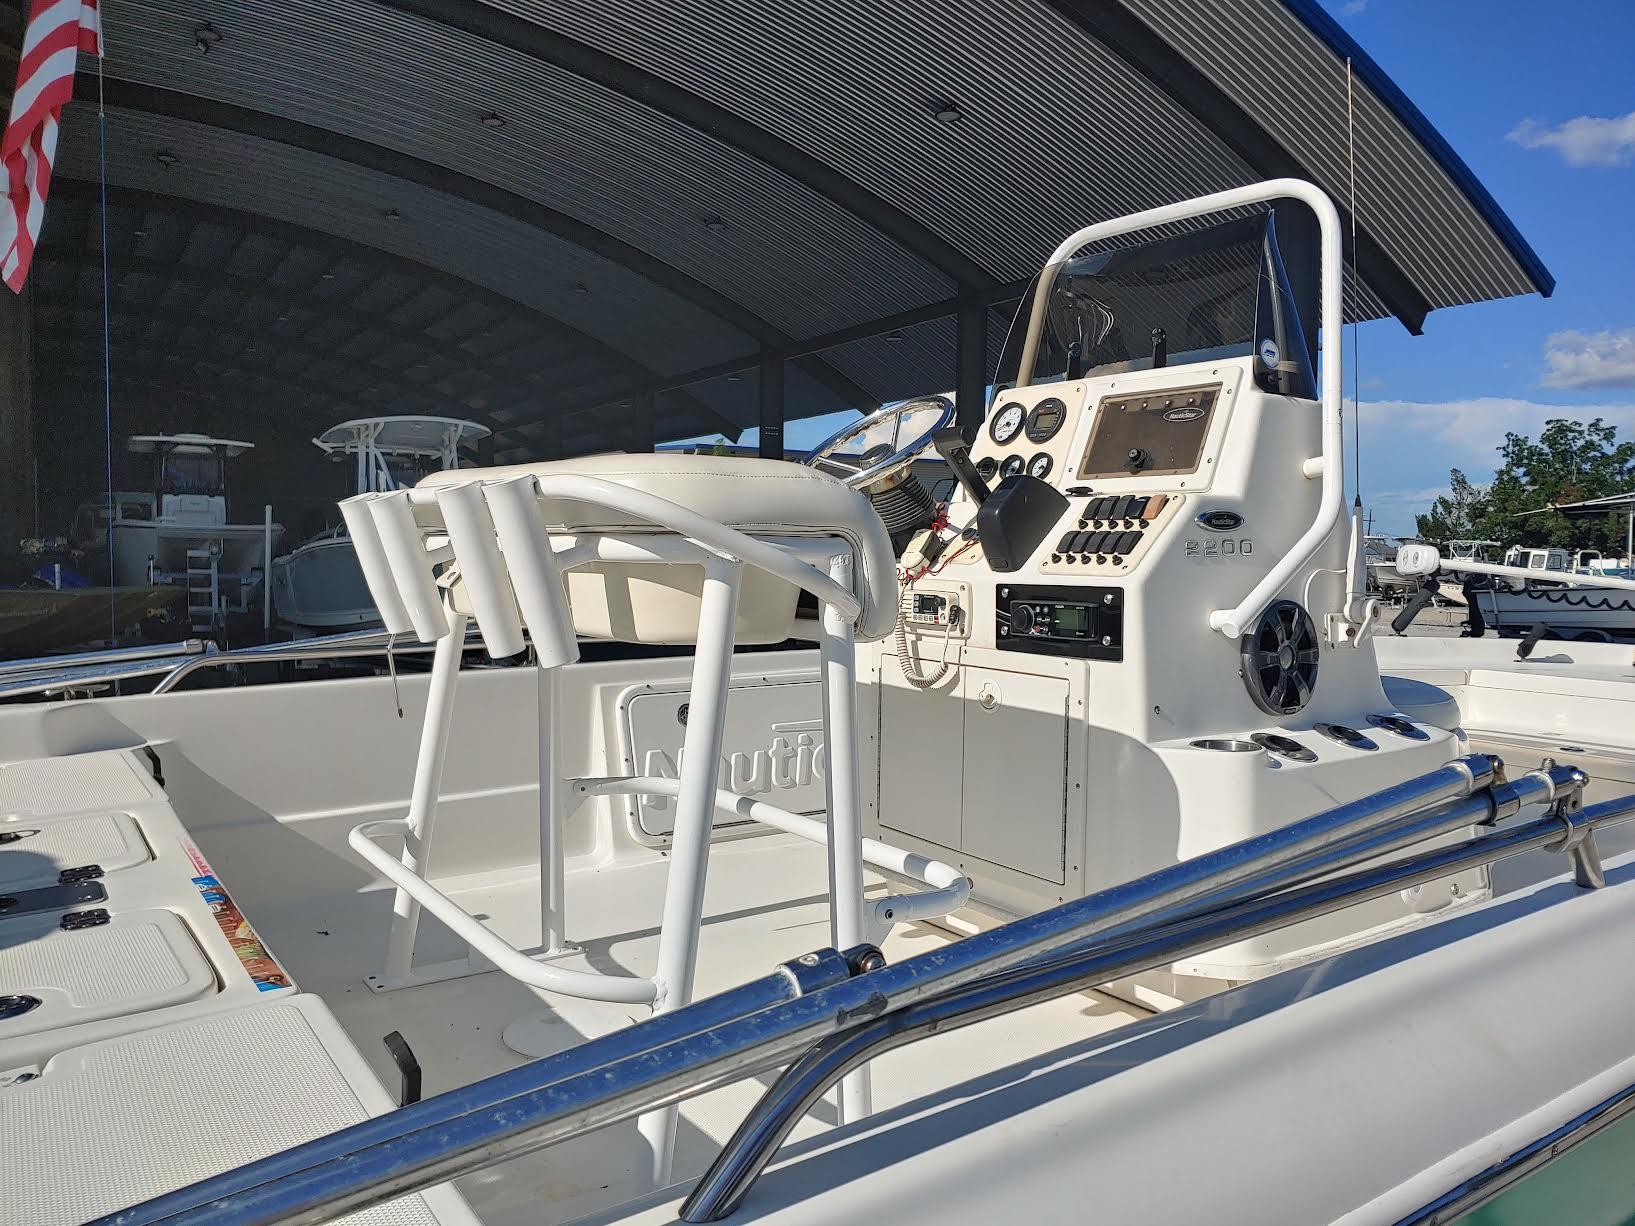 New  2007 NauticStar Boats Center Console in Marrero, Louisiana